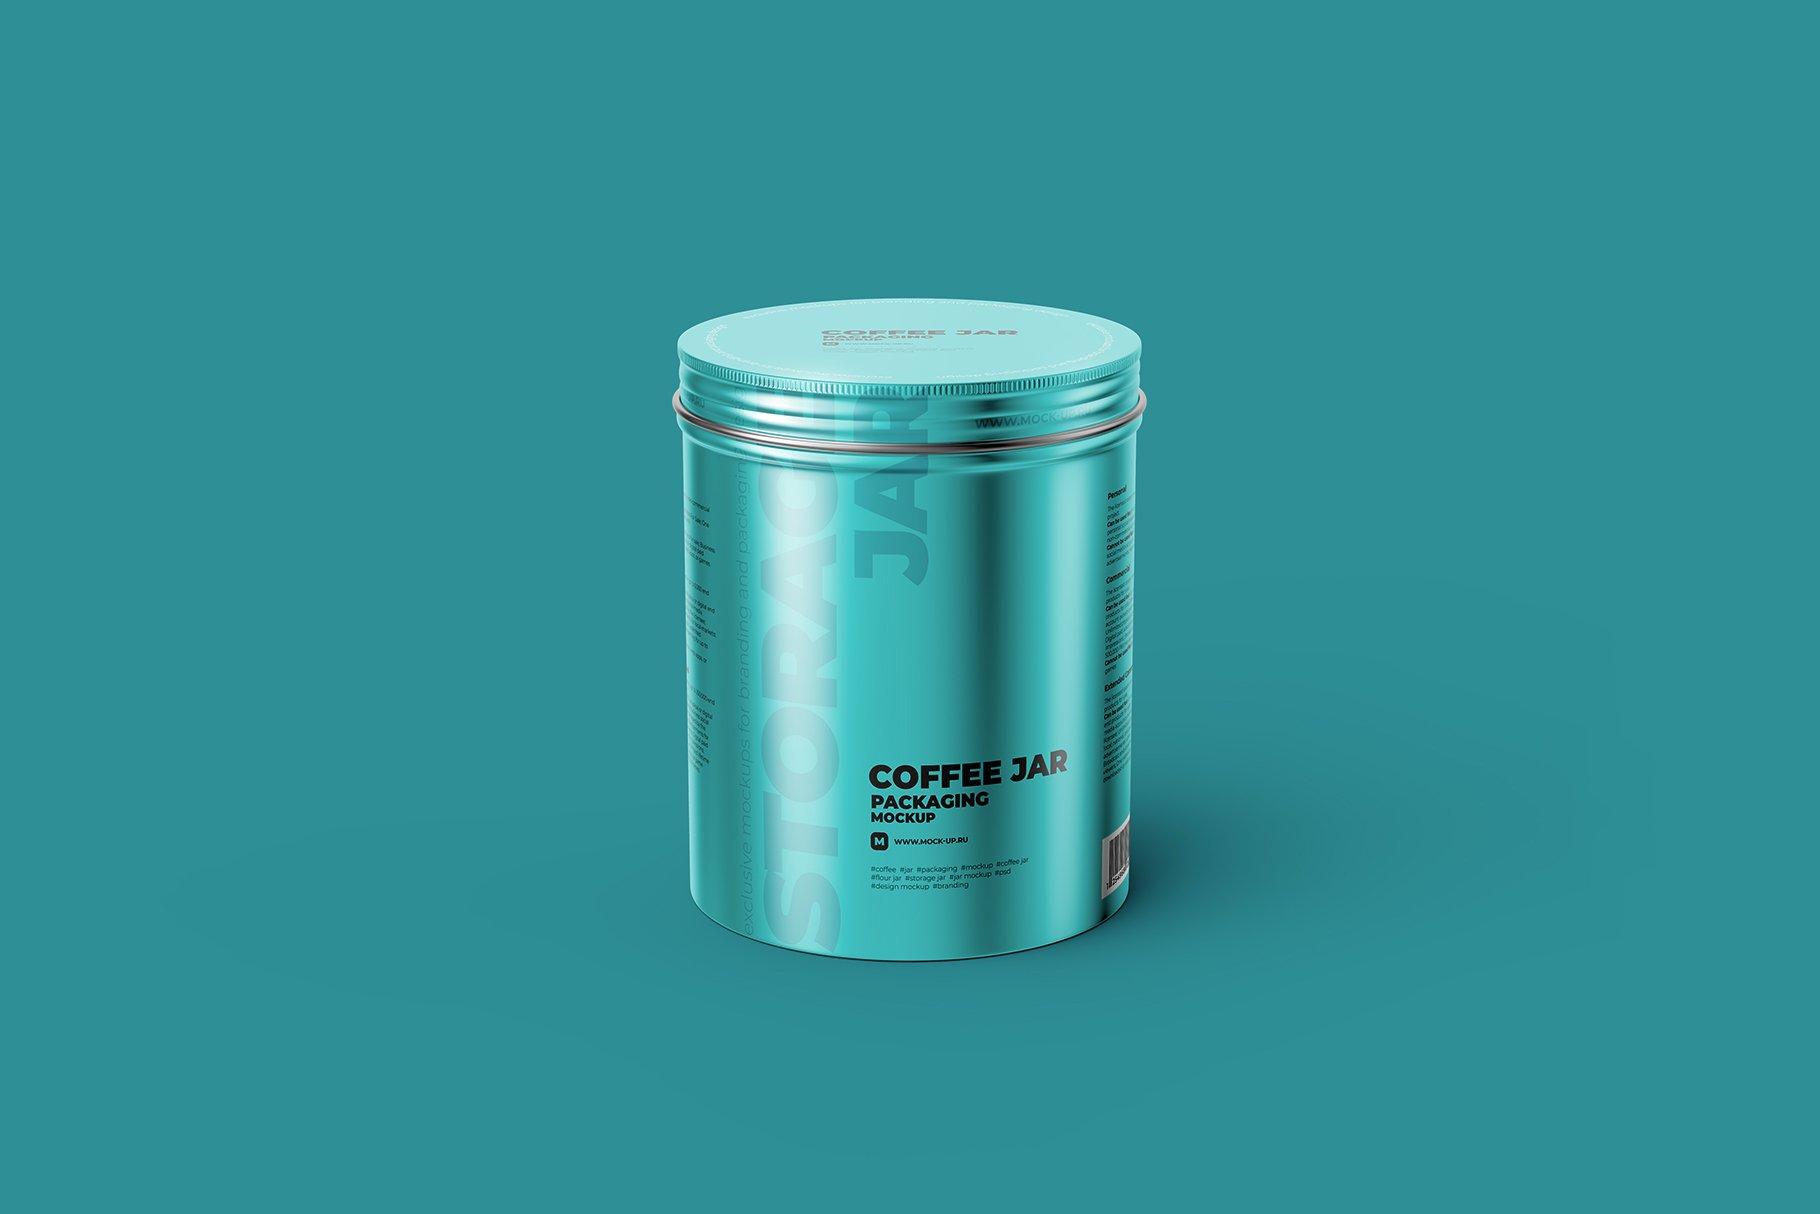 食品茶叶金属锡罐设计展示贴图样机模板 Metallic Storage Jar Angle View插图6